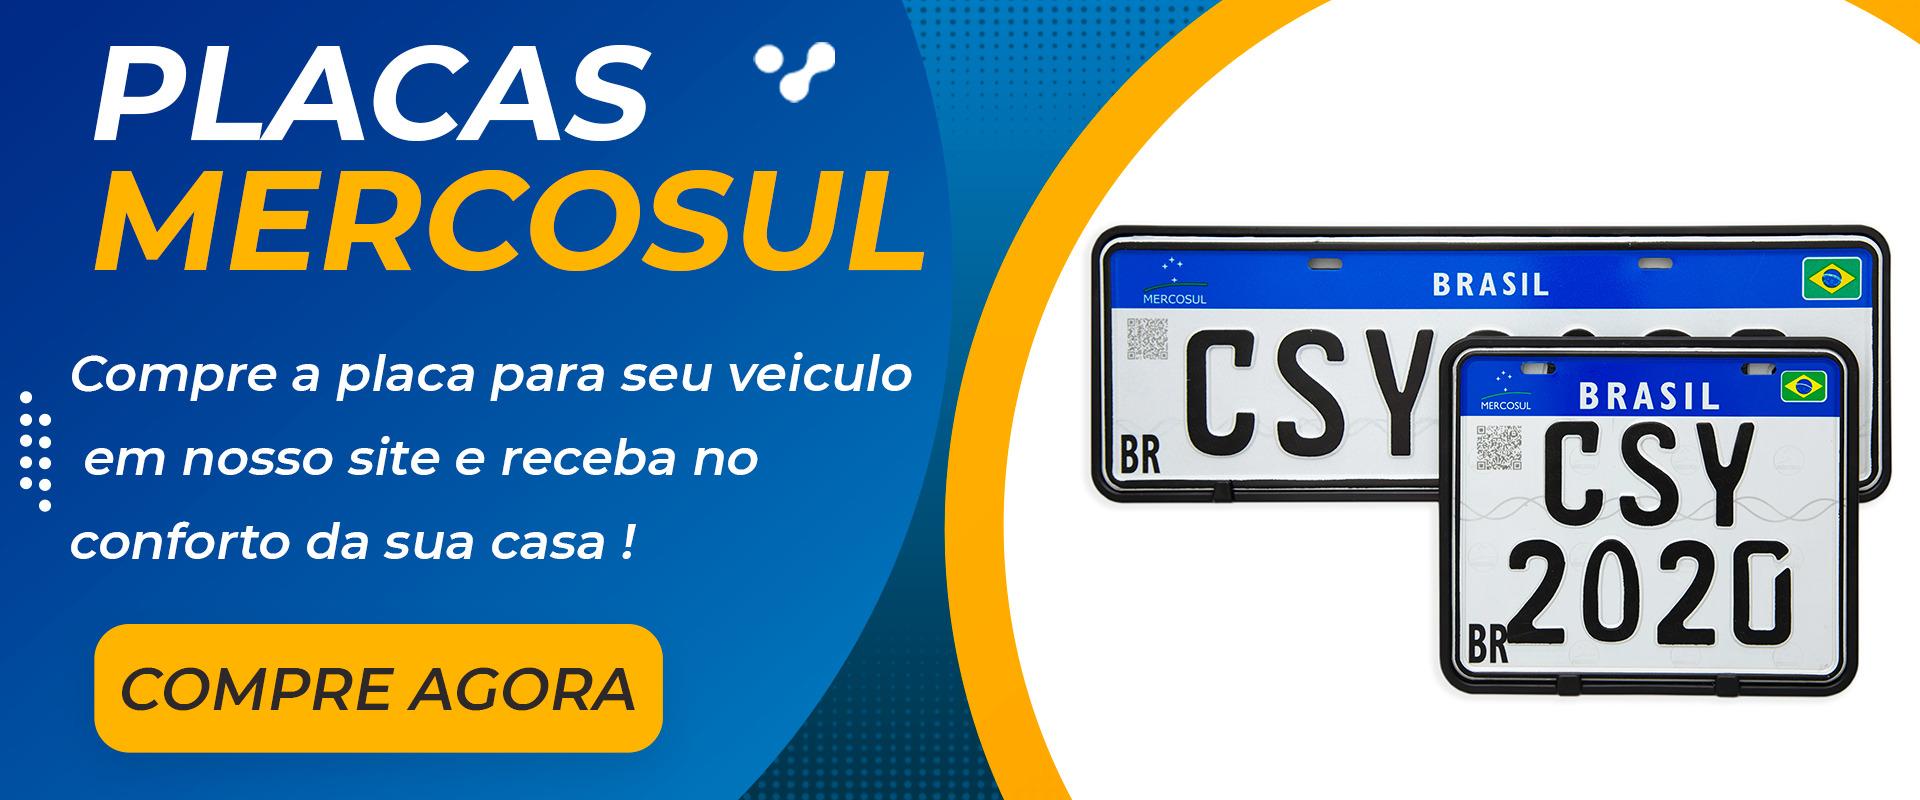 Centersystem - Placa Mercosul SP para Veículos e Motos. banner home 2 1